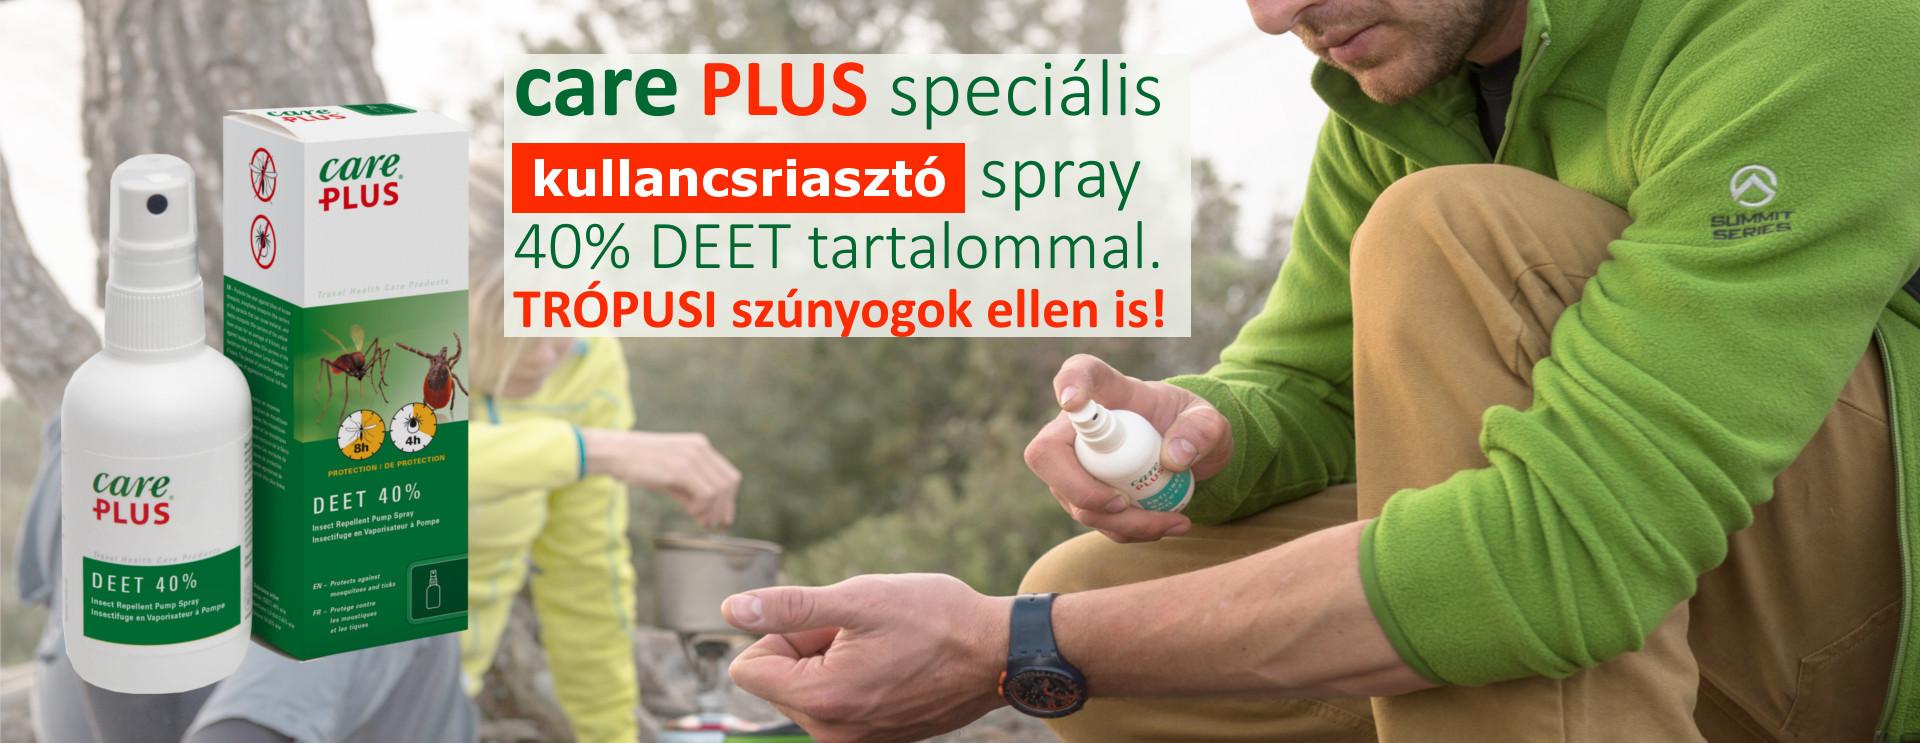 careplus-kullancs-és-szúnyogriasztó